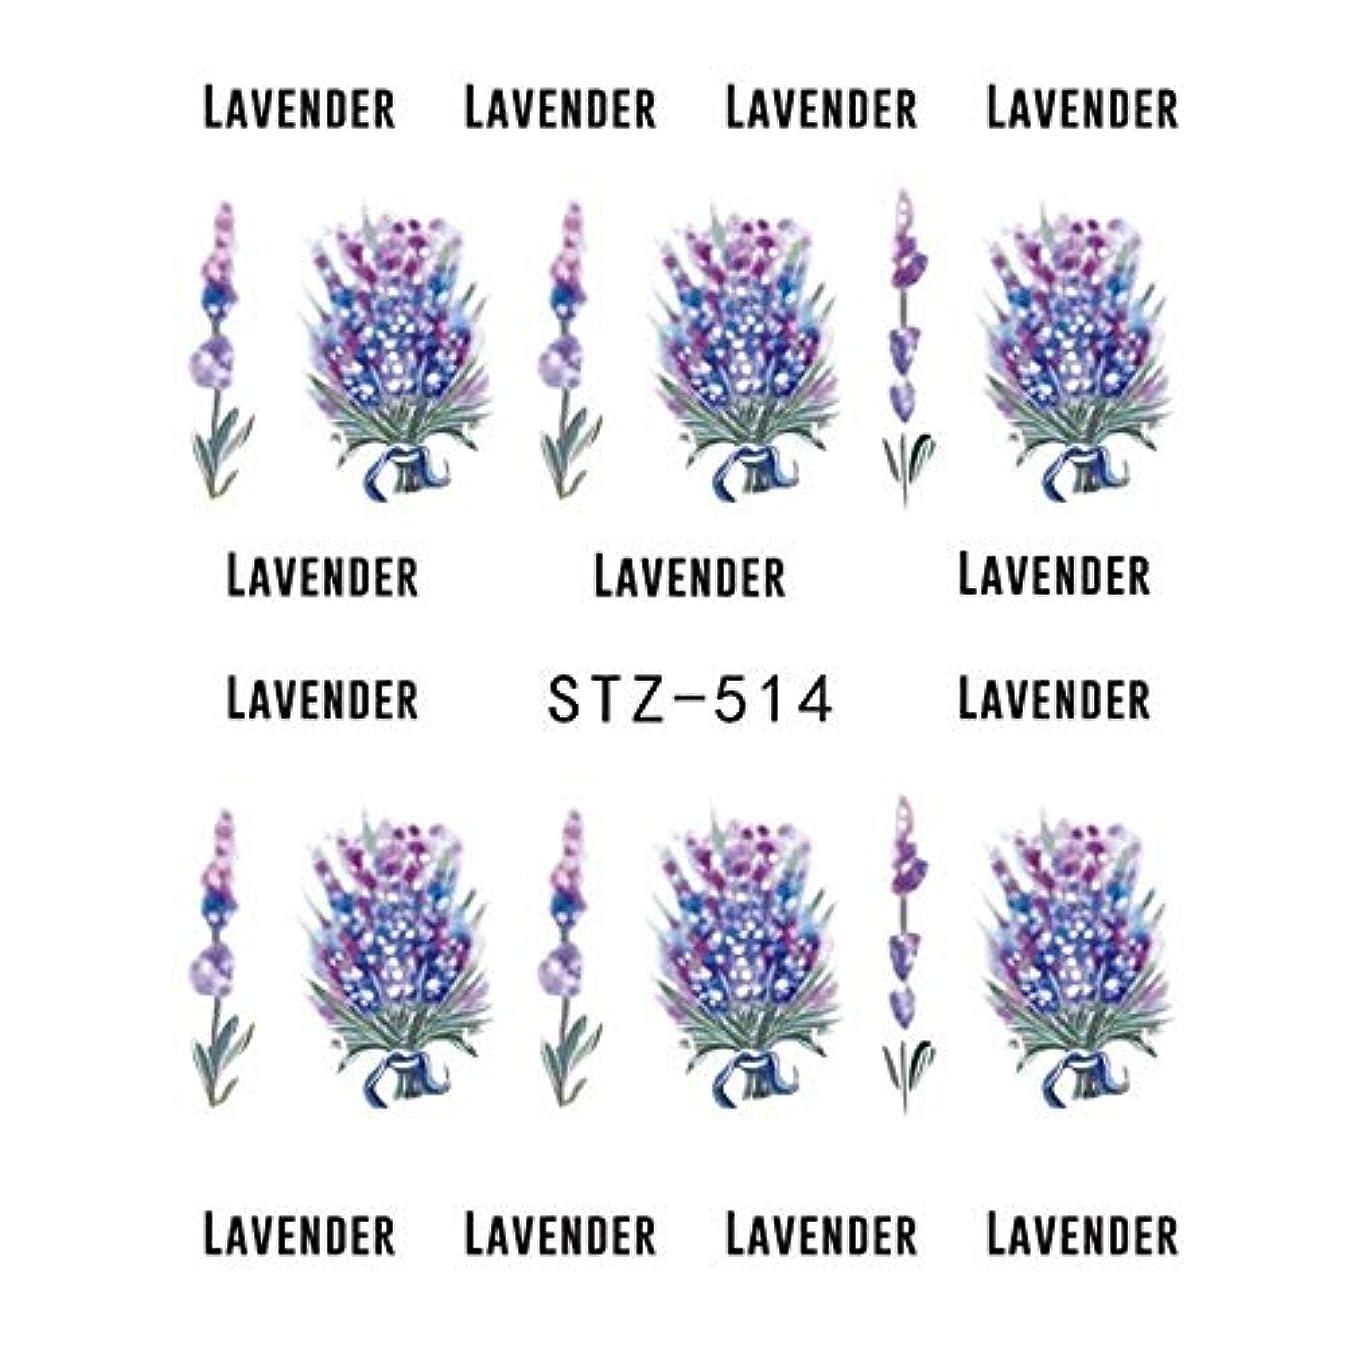 ドラゴン対応する霧SUKTI&XIAO ネイルステッカー ラベンダーブーケウォーターステッカーネイルアートデコレーション紫咲く花スライド美容ネイルデカール、Stz514